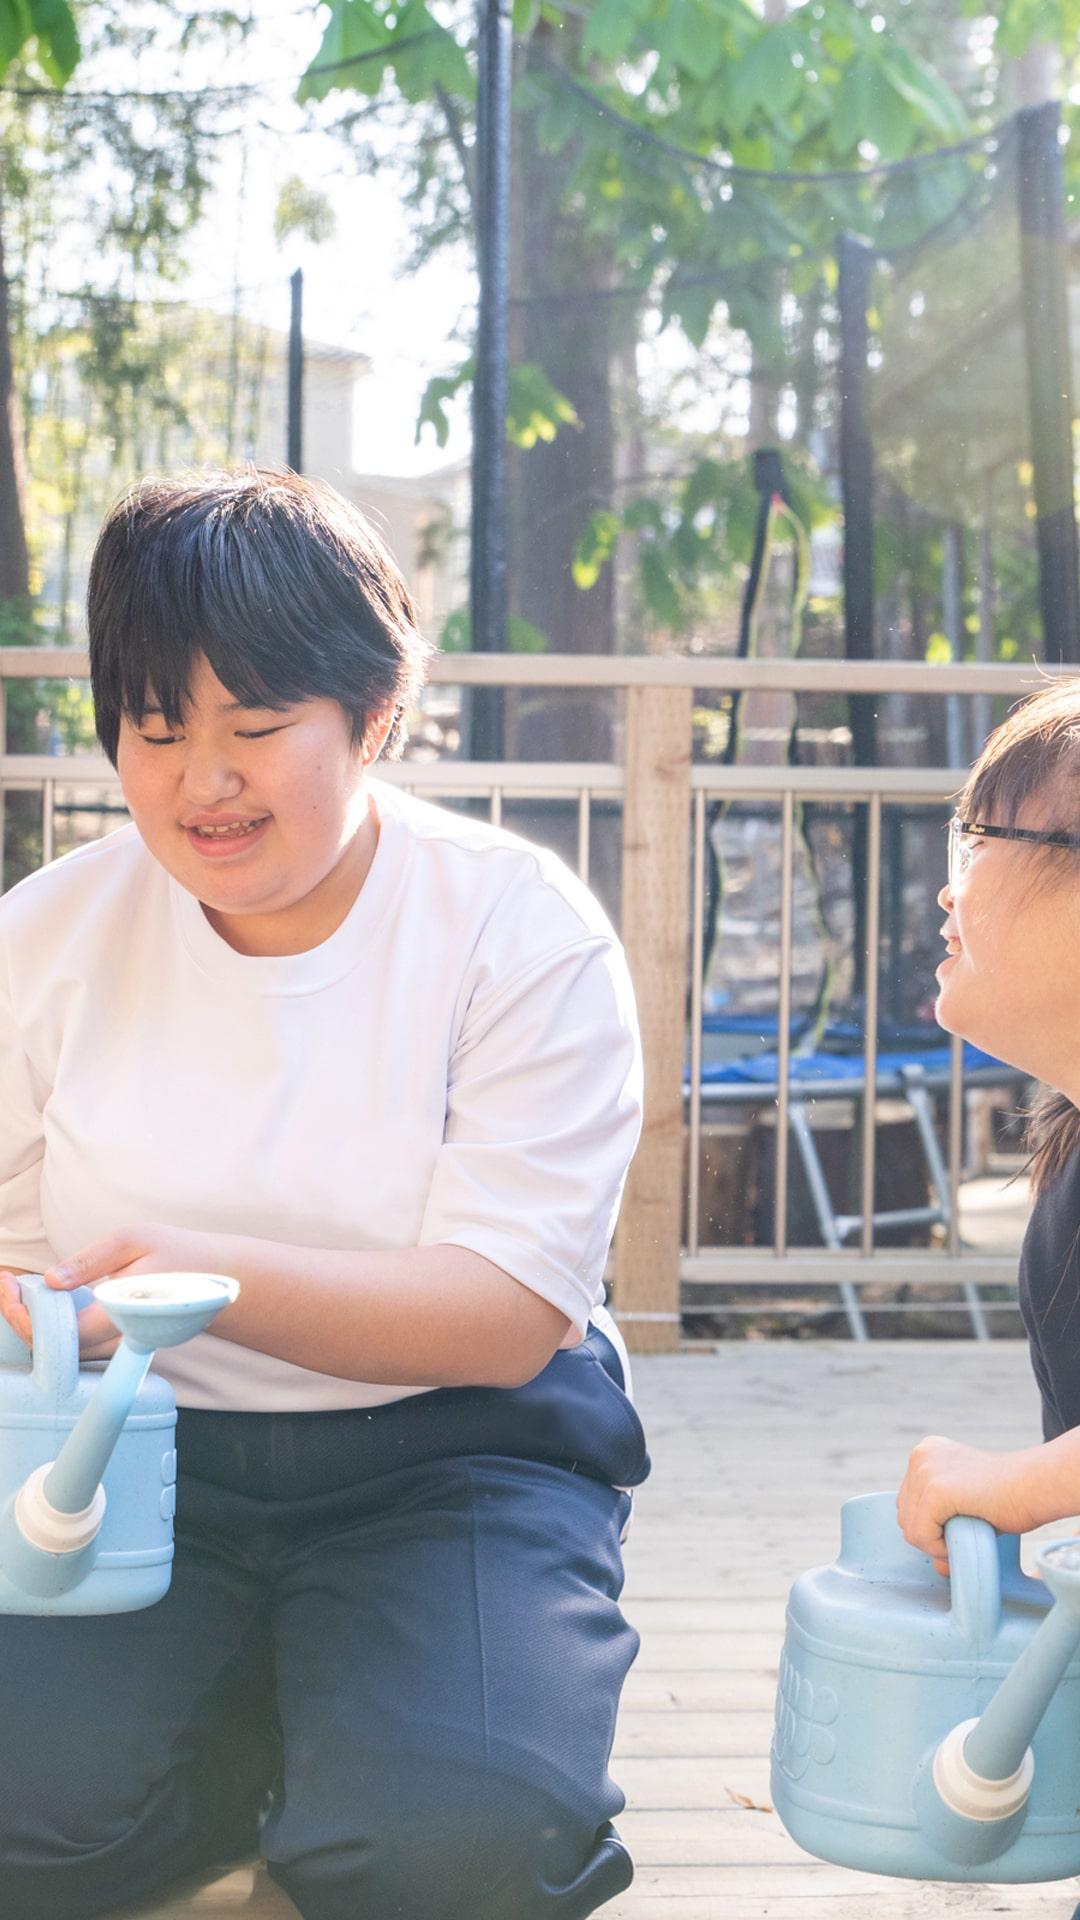 障害を持つ子供達が遊ぶ様子